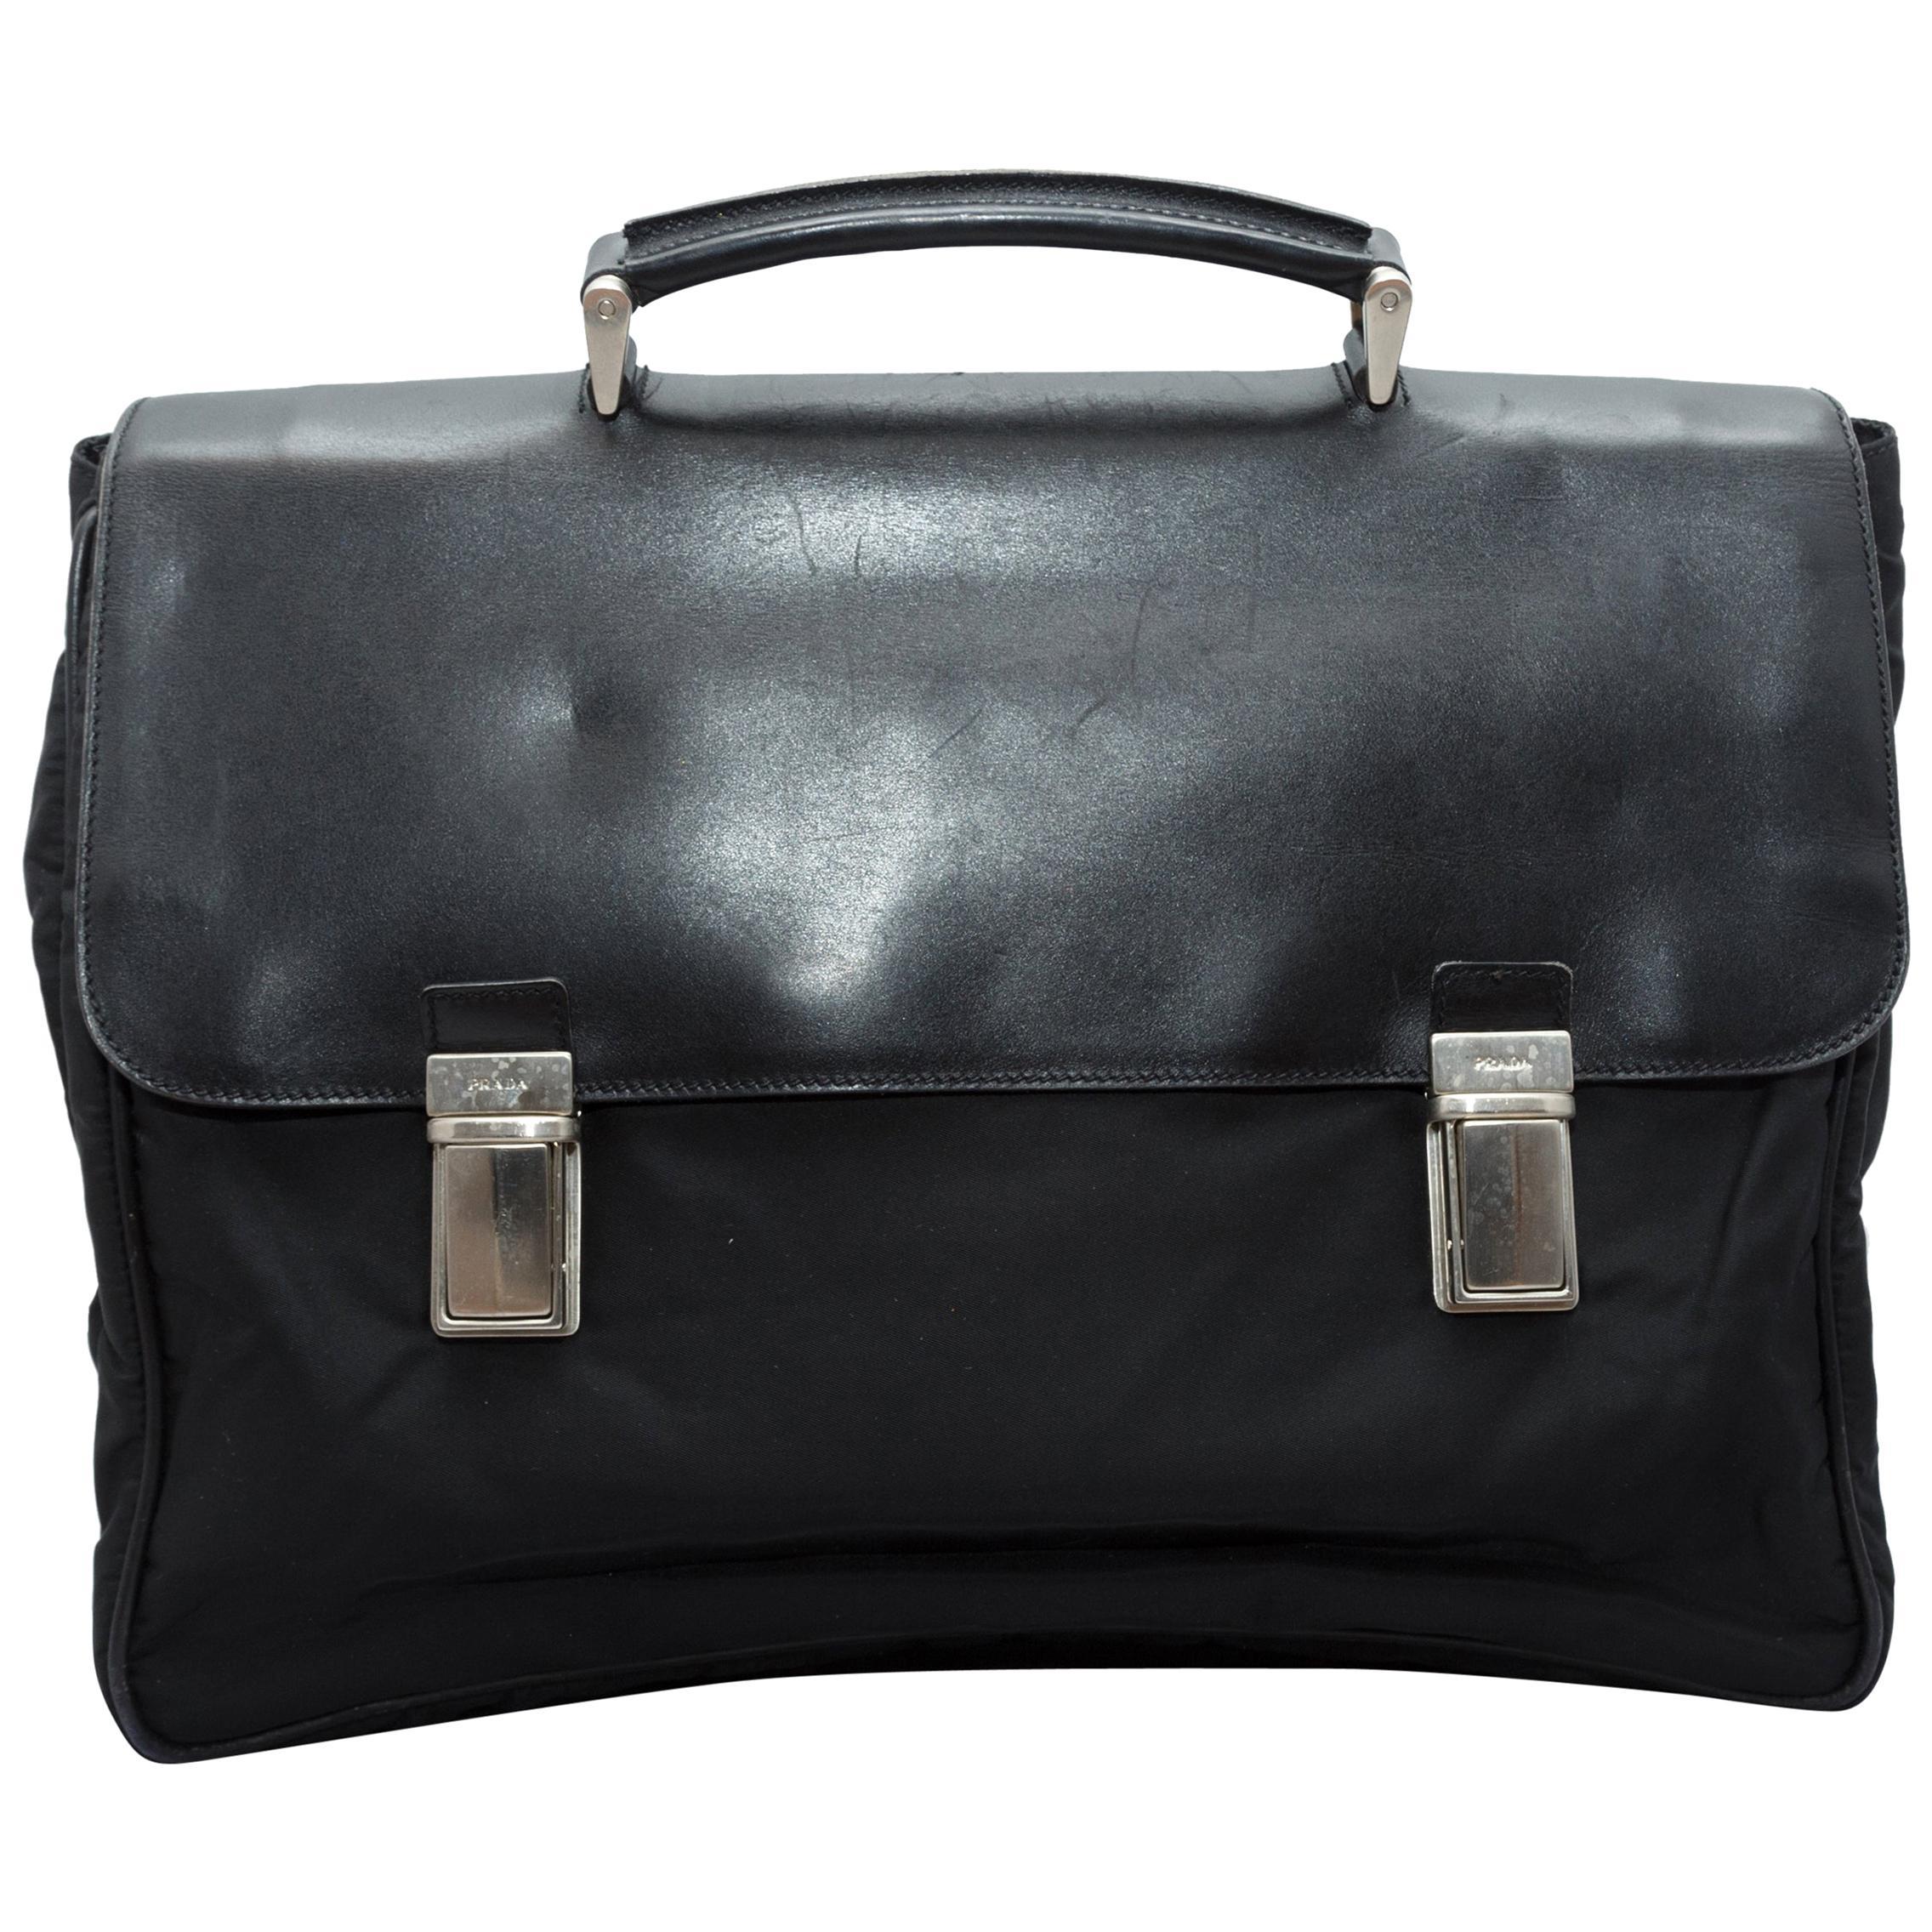 Prada Black Nylon & Saffiano Leather Briefcase